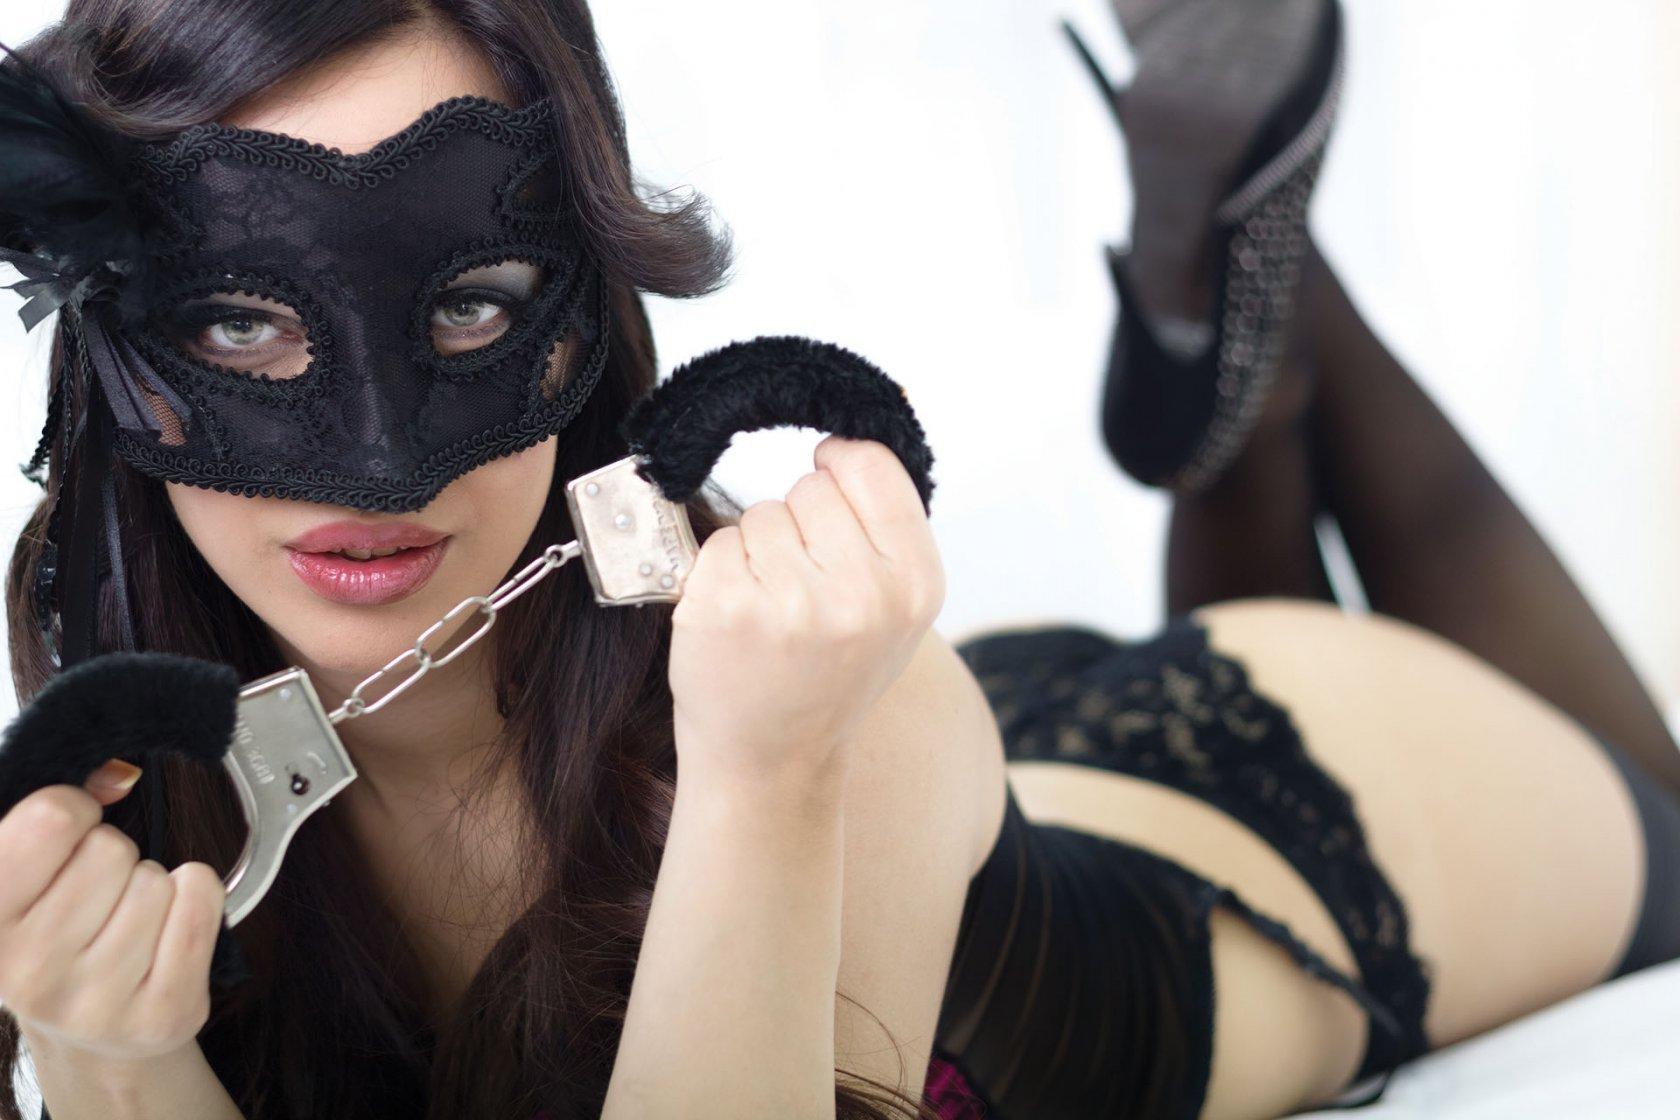 Фотографии секса с страпоном, Порно фото ебли со страпоном смотреть бесплатно 12 фотография